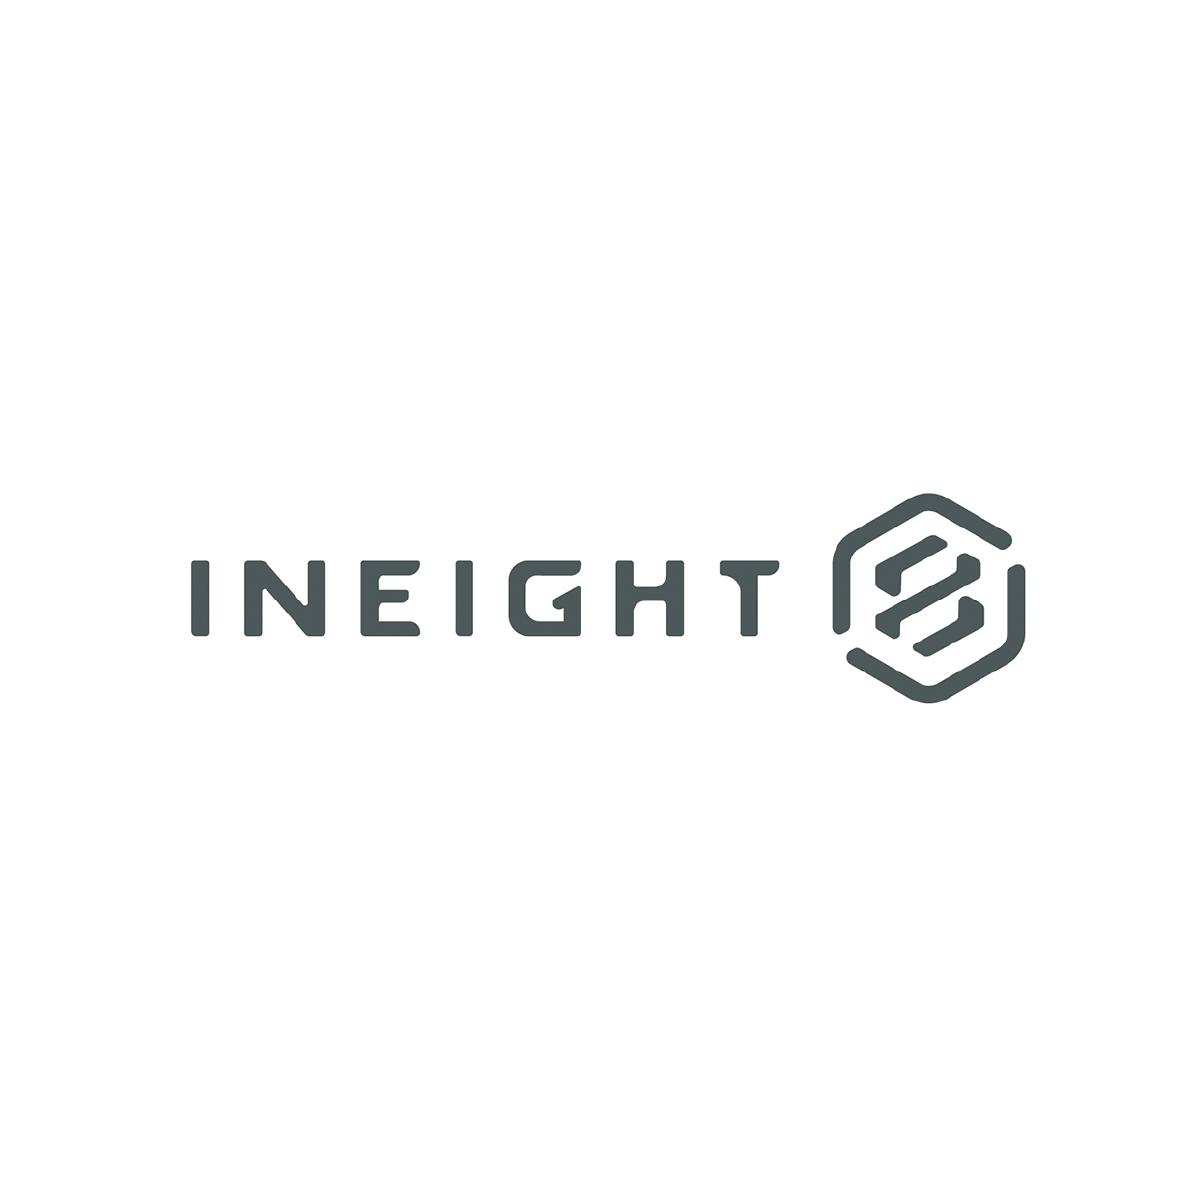 InEight logo.jpg